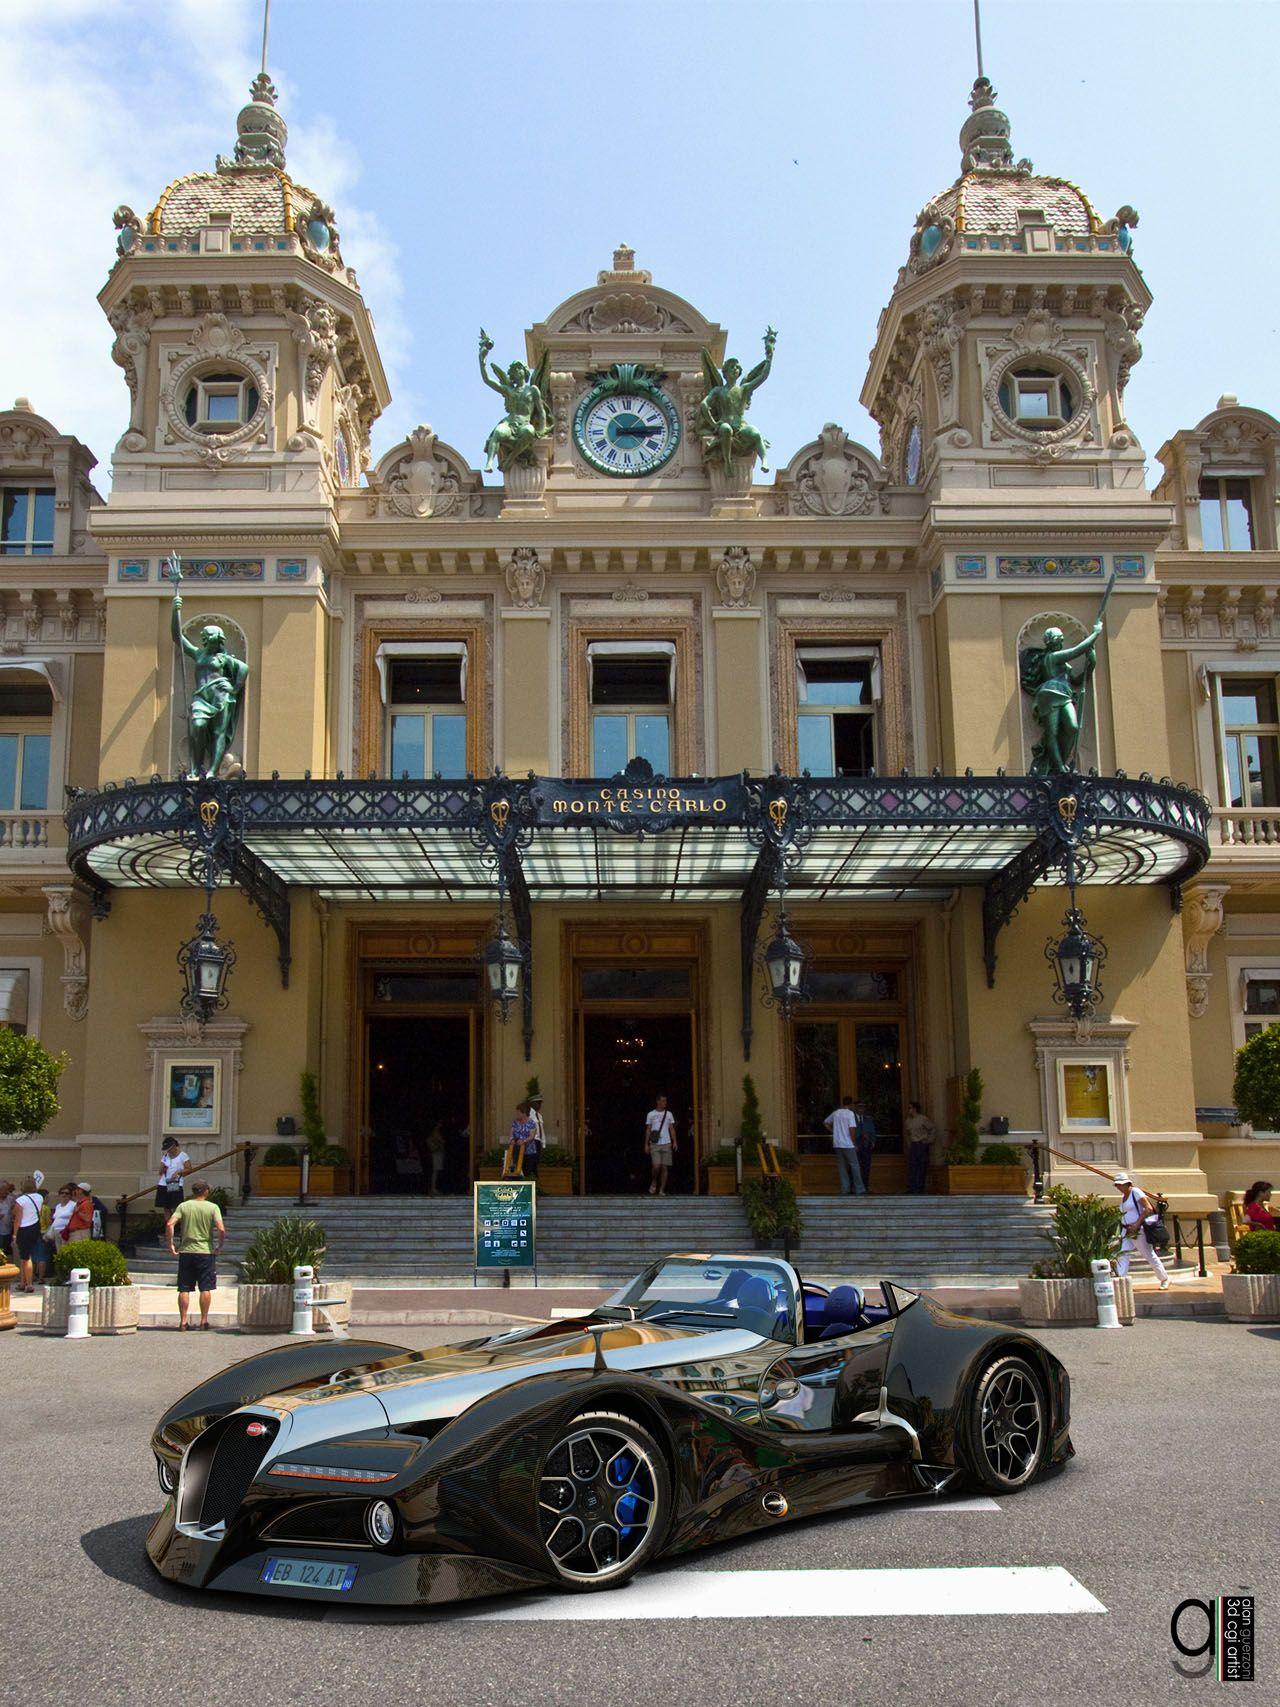 Bugatti 12.4 Atlantique Grand Sport Concept | Bugatti ...